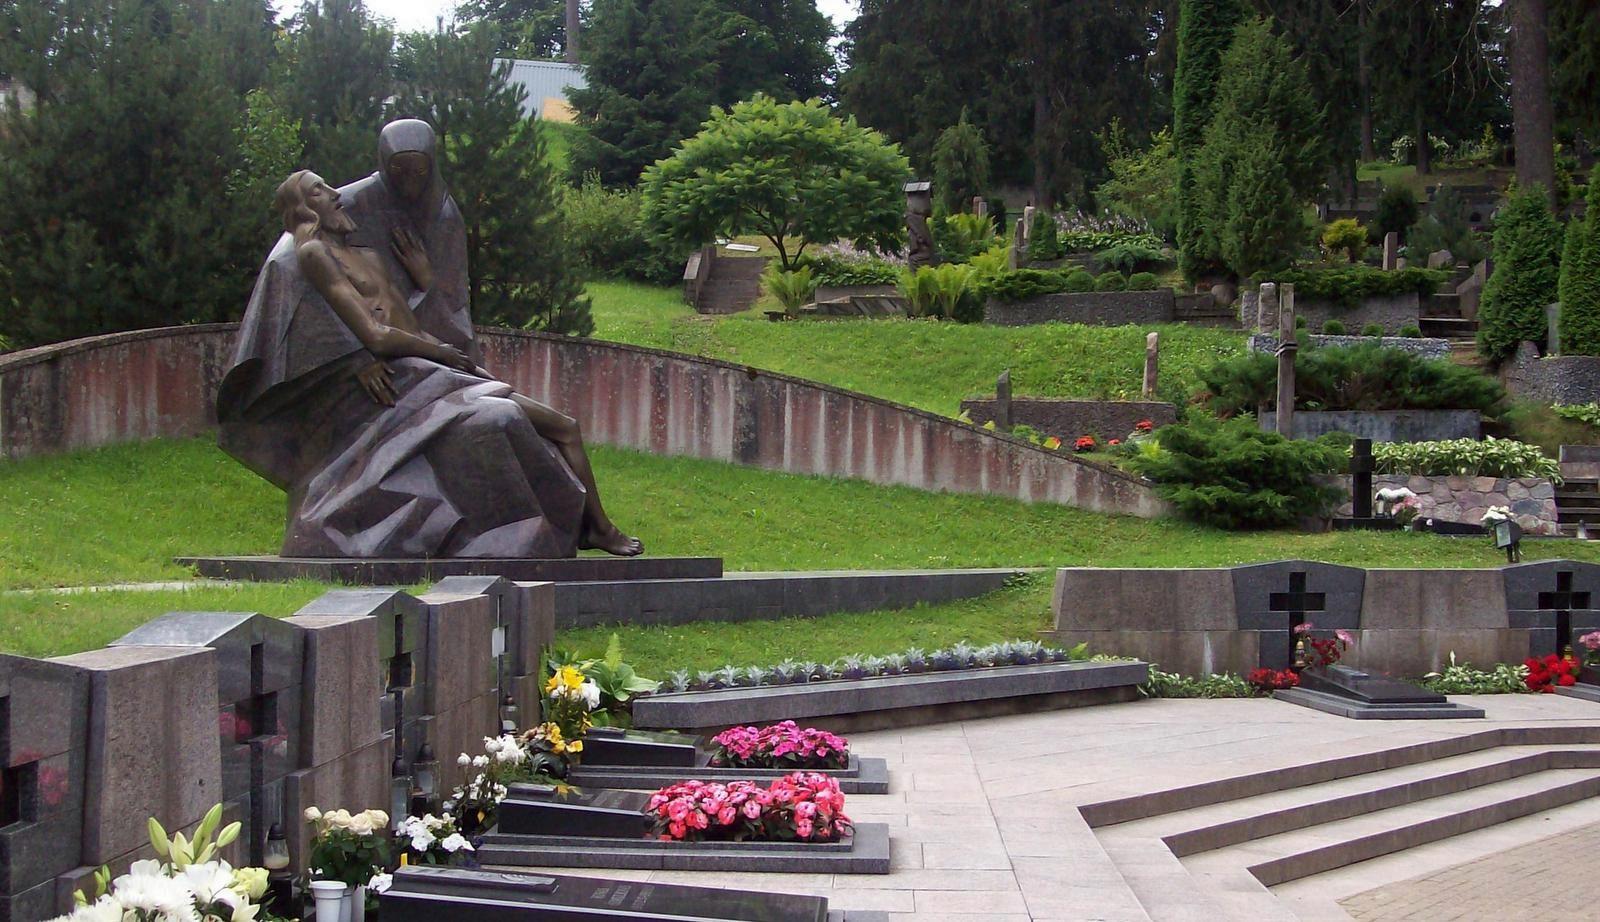 Der Friedhof Antakalnis - Nationale Gedenkstätte in Litauen